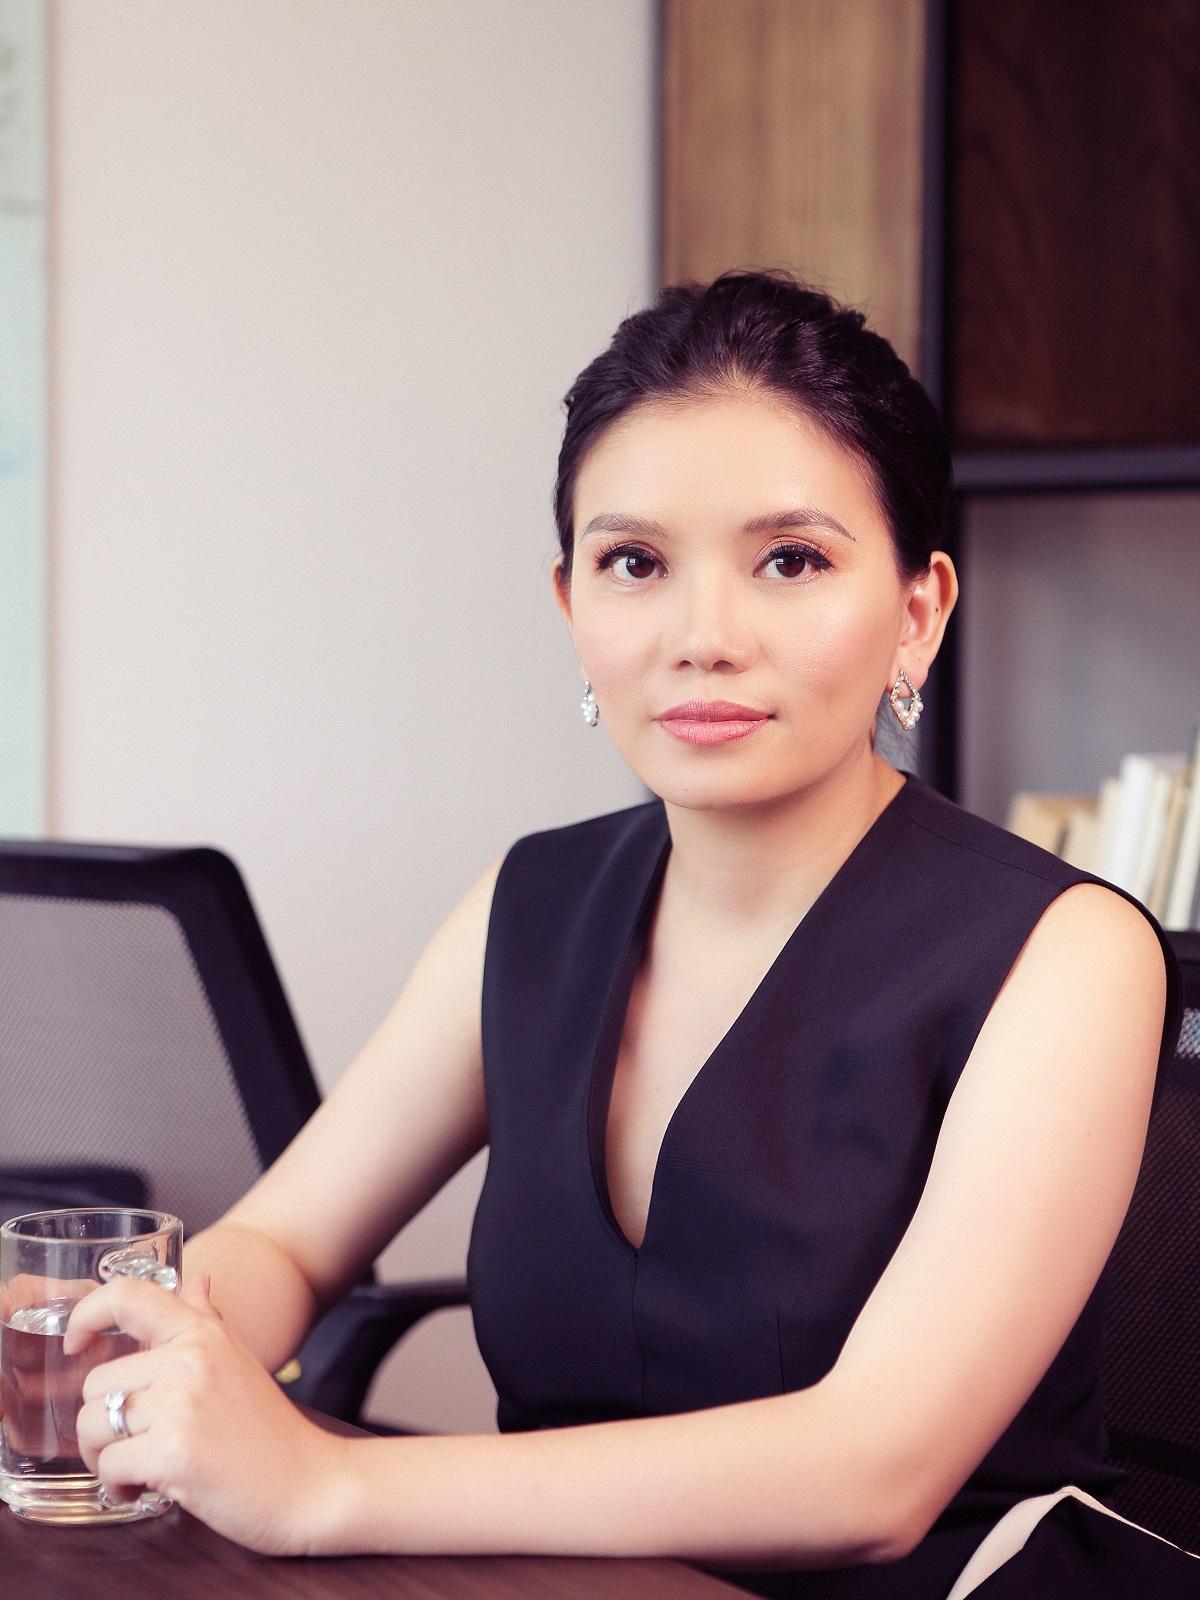 Bà Văn Đinh Hồng Vũ – CEO của Elsa. Ảnh: Grab Việt Nam.